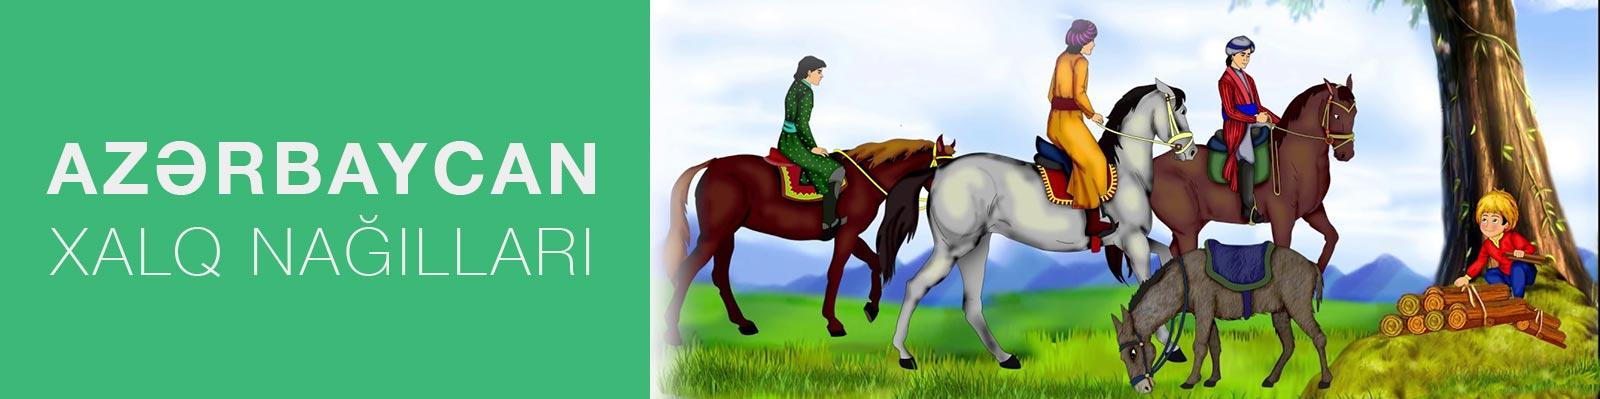 azerbaycan xalq nagillari